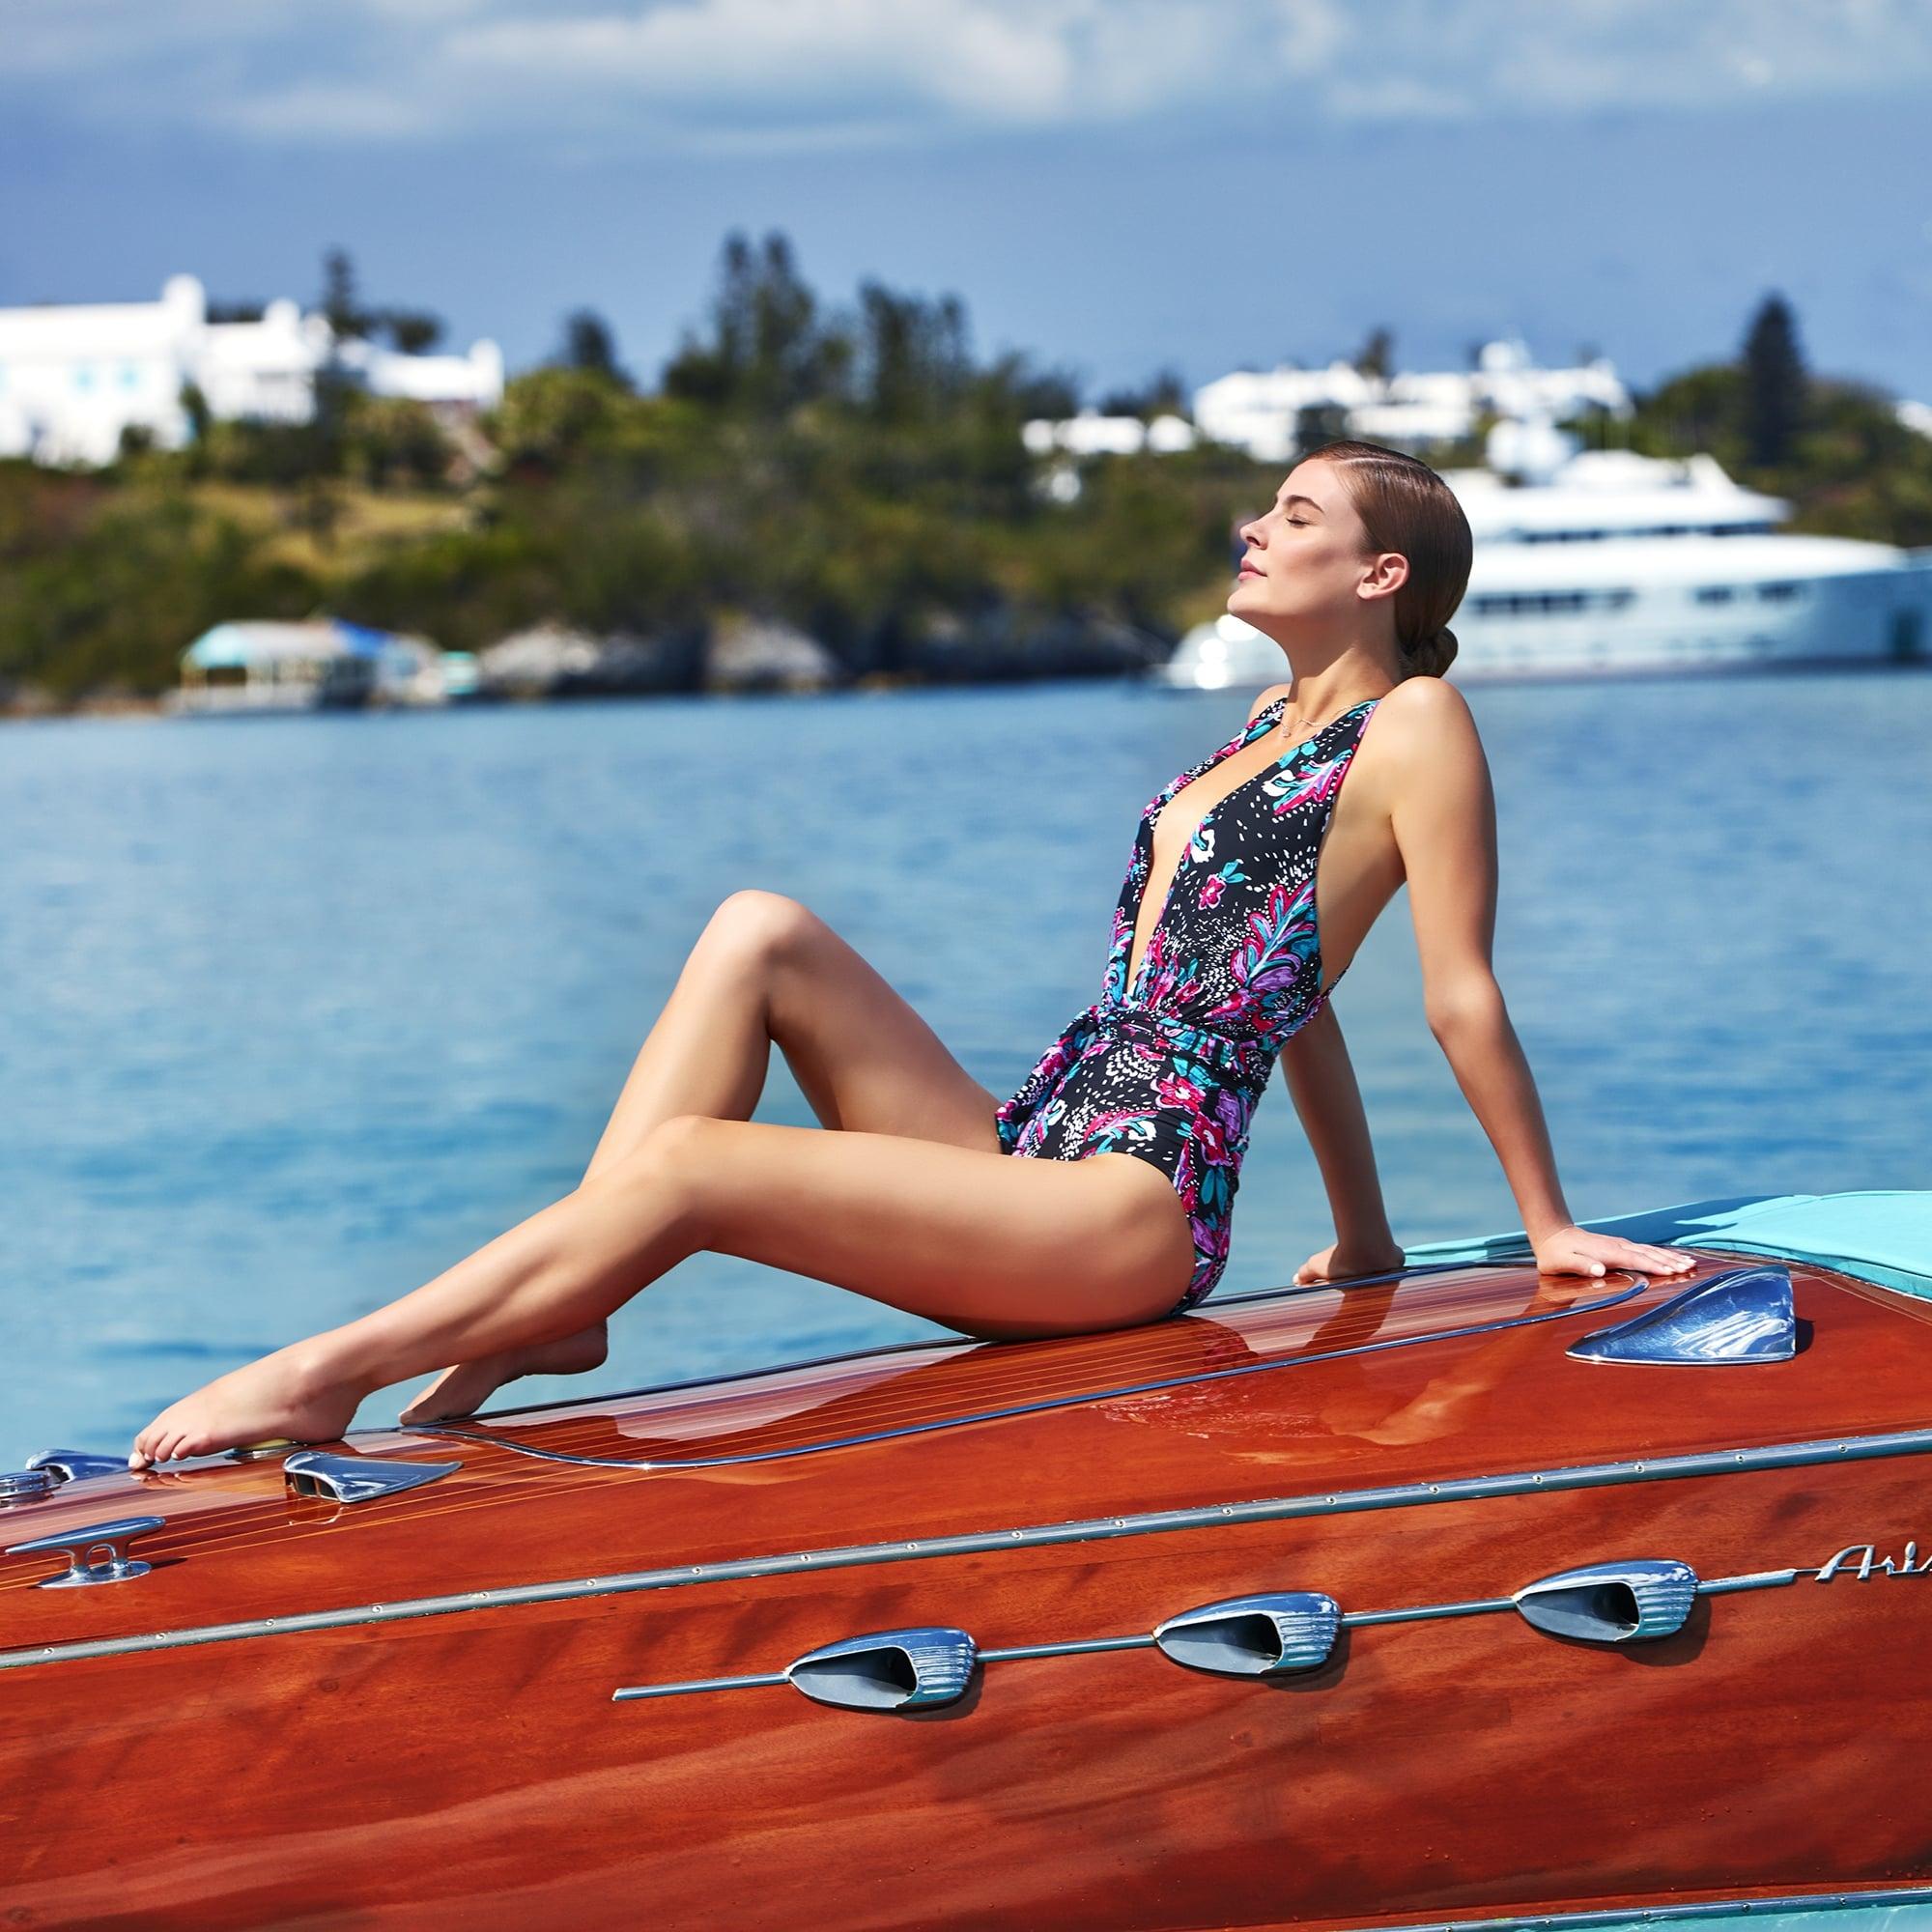 Best One-Piece Swimsuits From Walmart | POPSUGAR Fashion